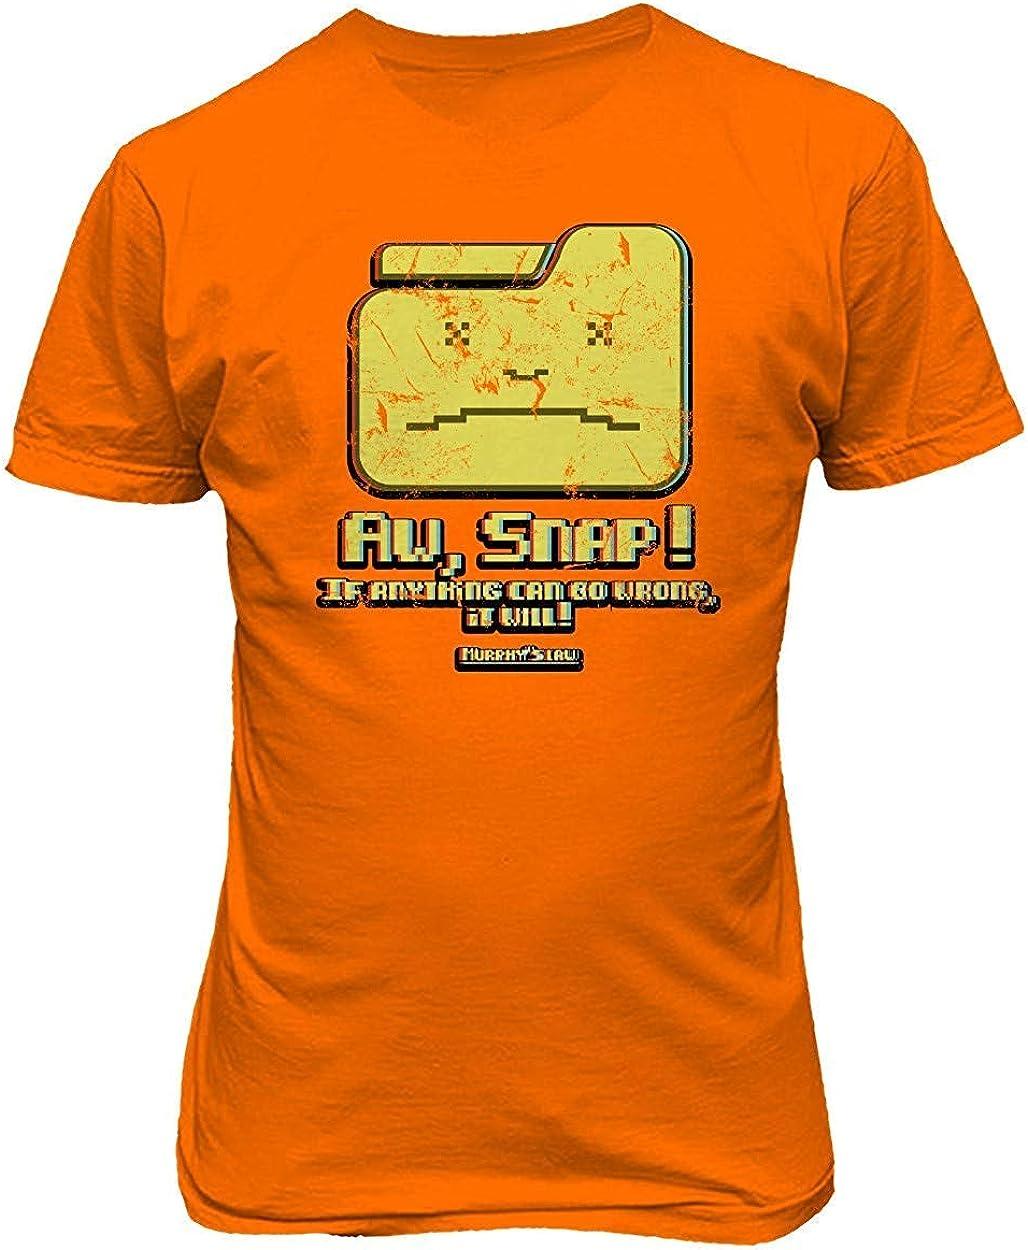 Nueva página de Camisas de Novedad Camisa Rota de Internet AW ...